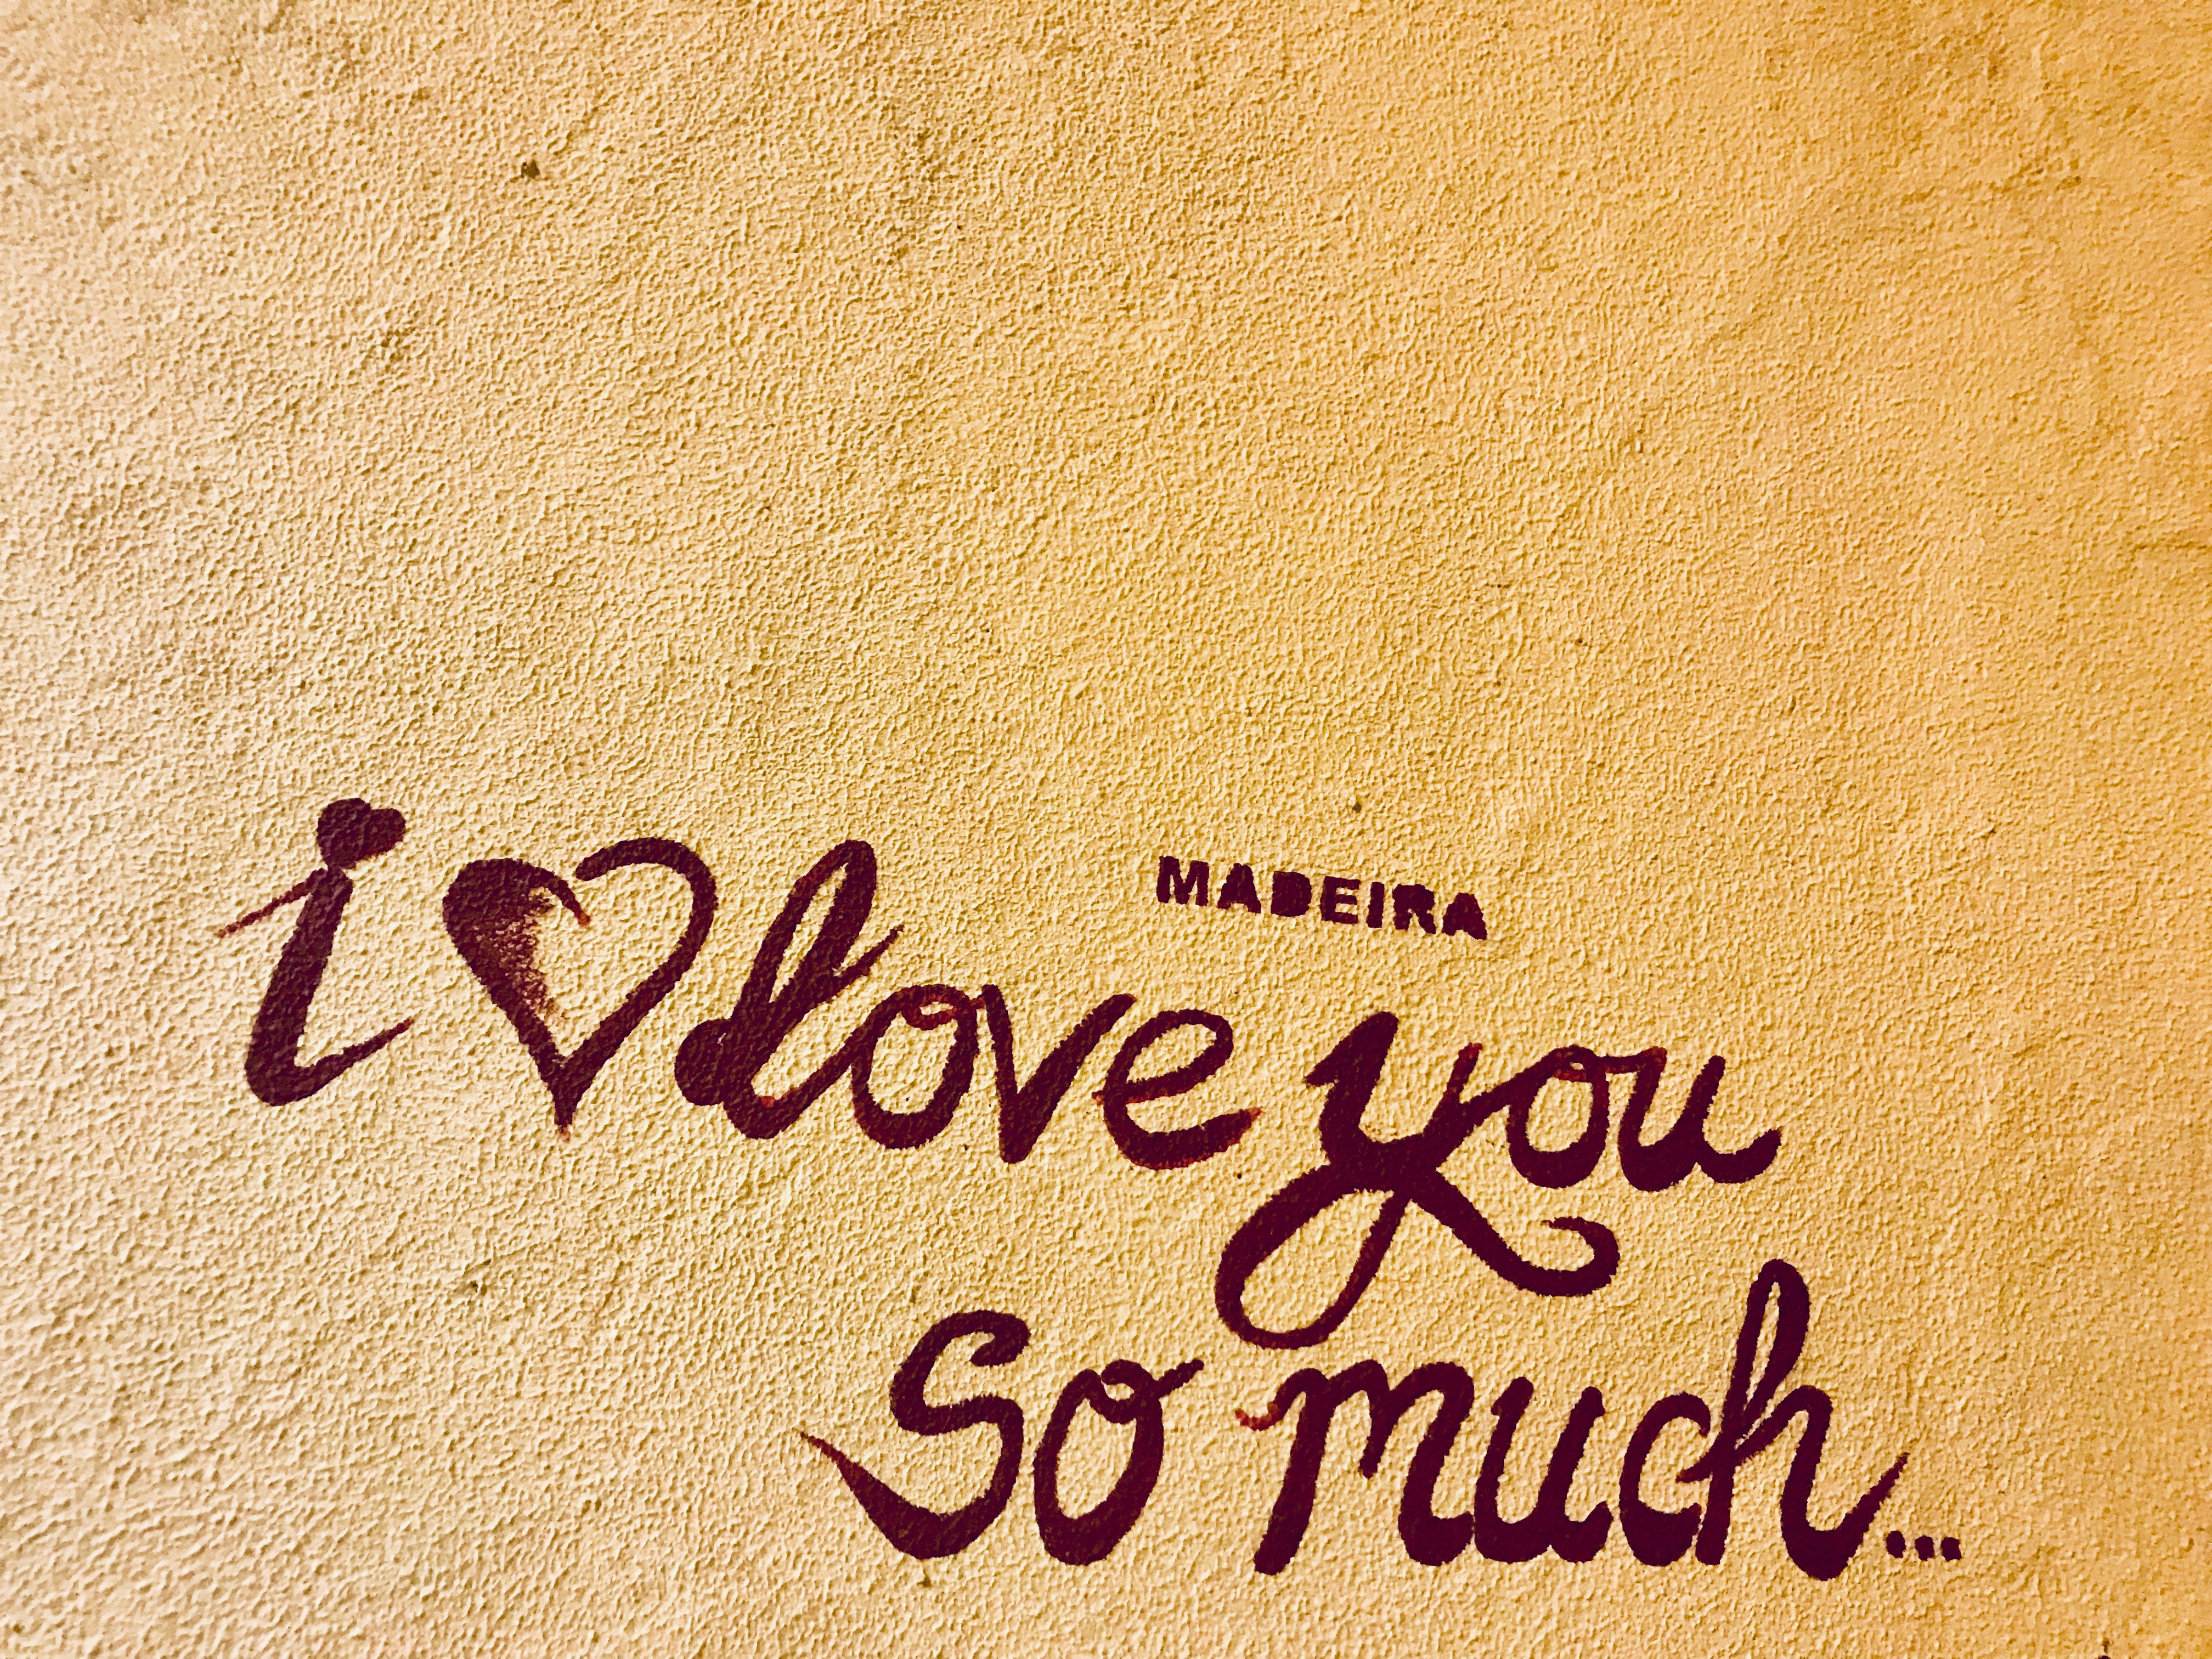 Madeira I love you